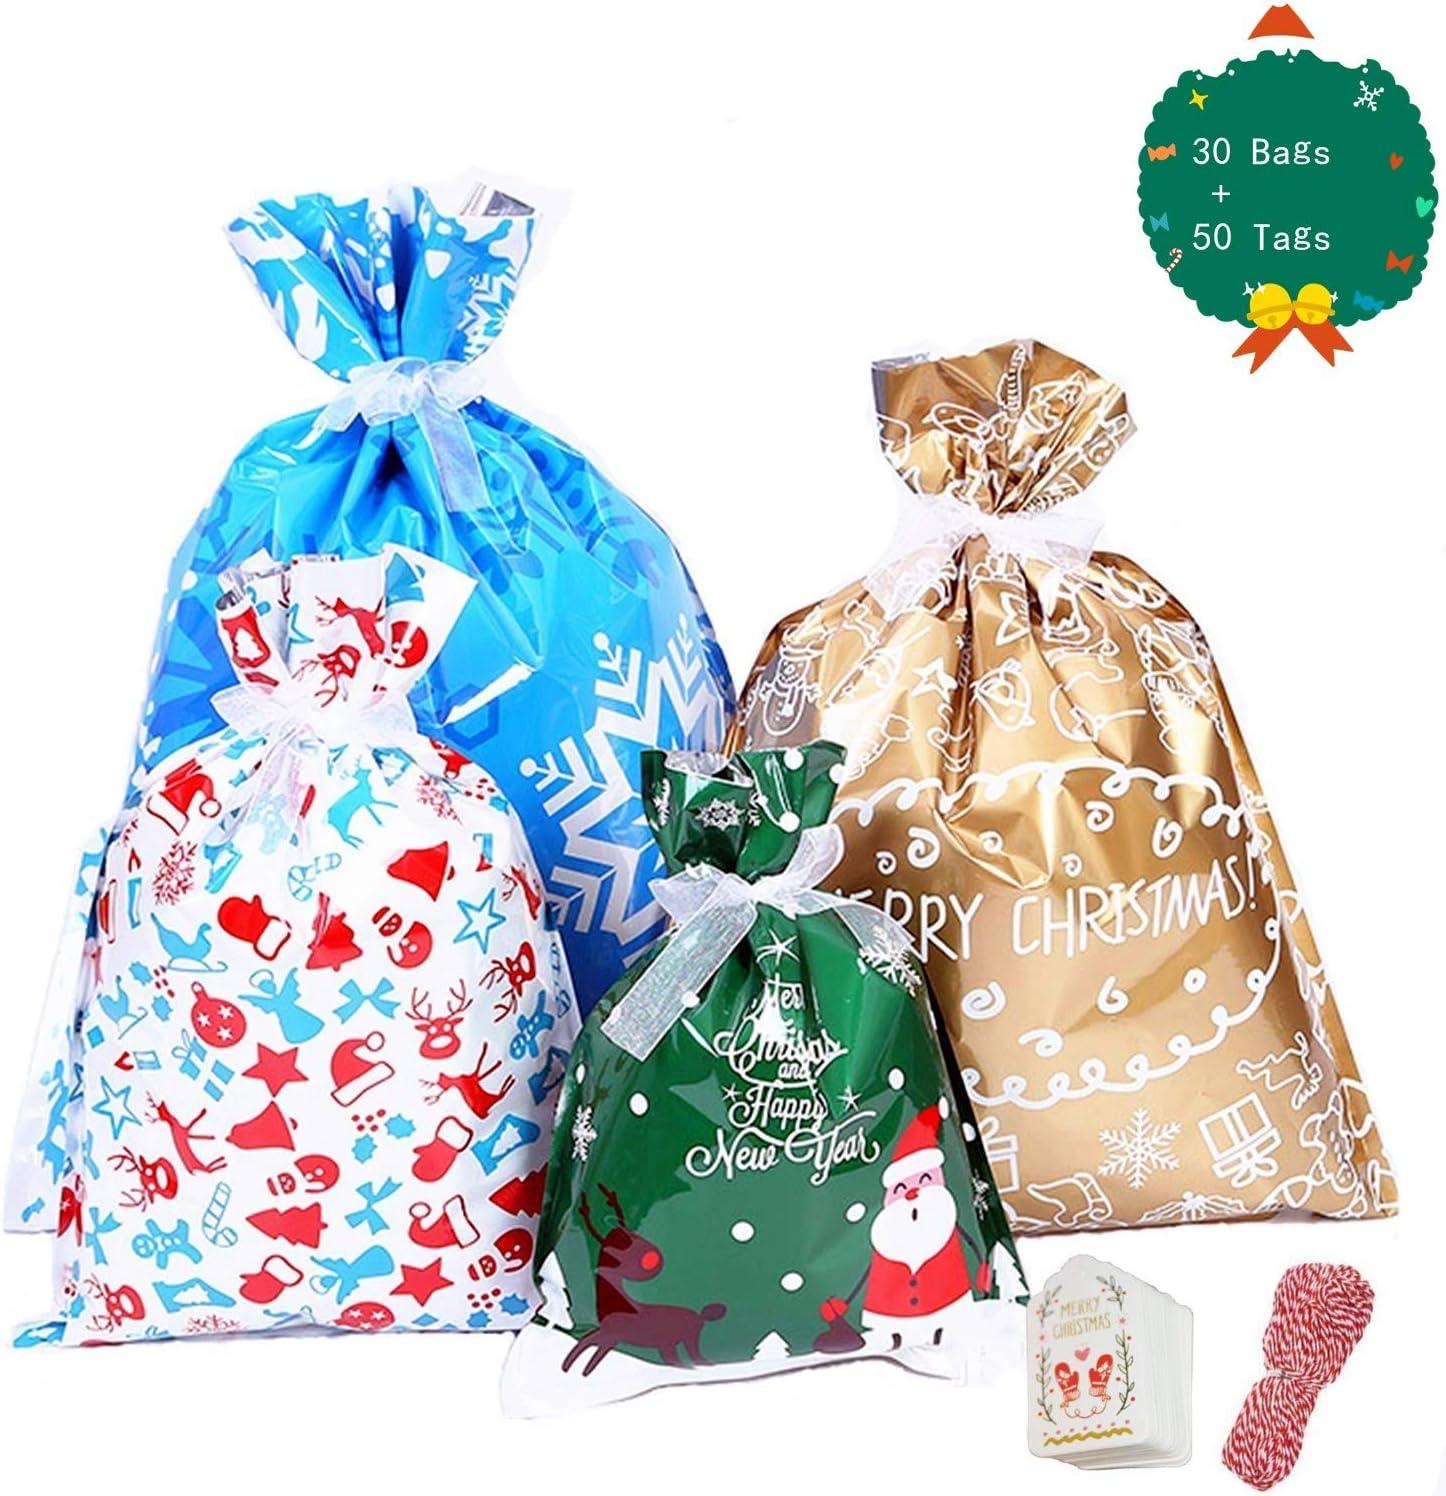 YAAVAAW 30Pz Bolsas Grandes de Regalo de Navidad(con Cintas y 50 etiquetas),Envoltura de Regalos Bolsas para Regalos Navidad Bolsas Suministros de fiesta de Navidad,Bolsas de regalo de Año Nuevo